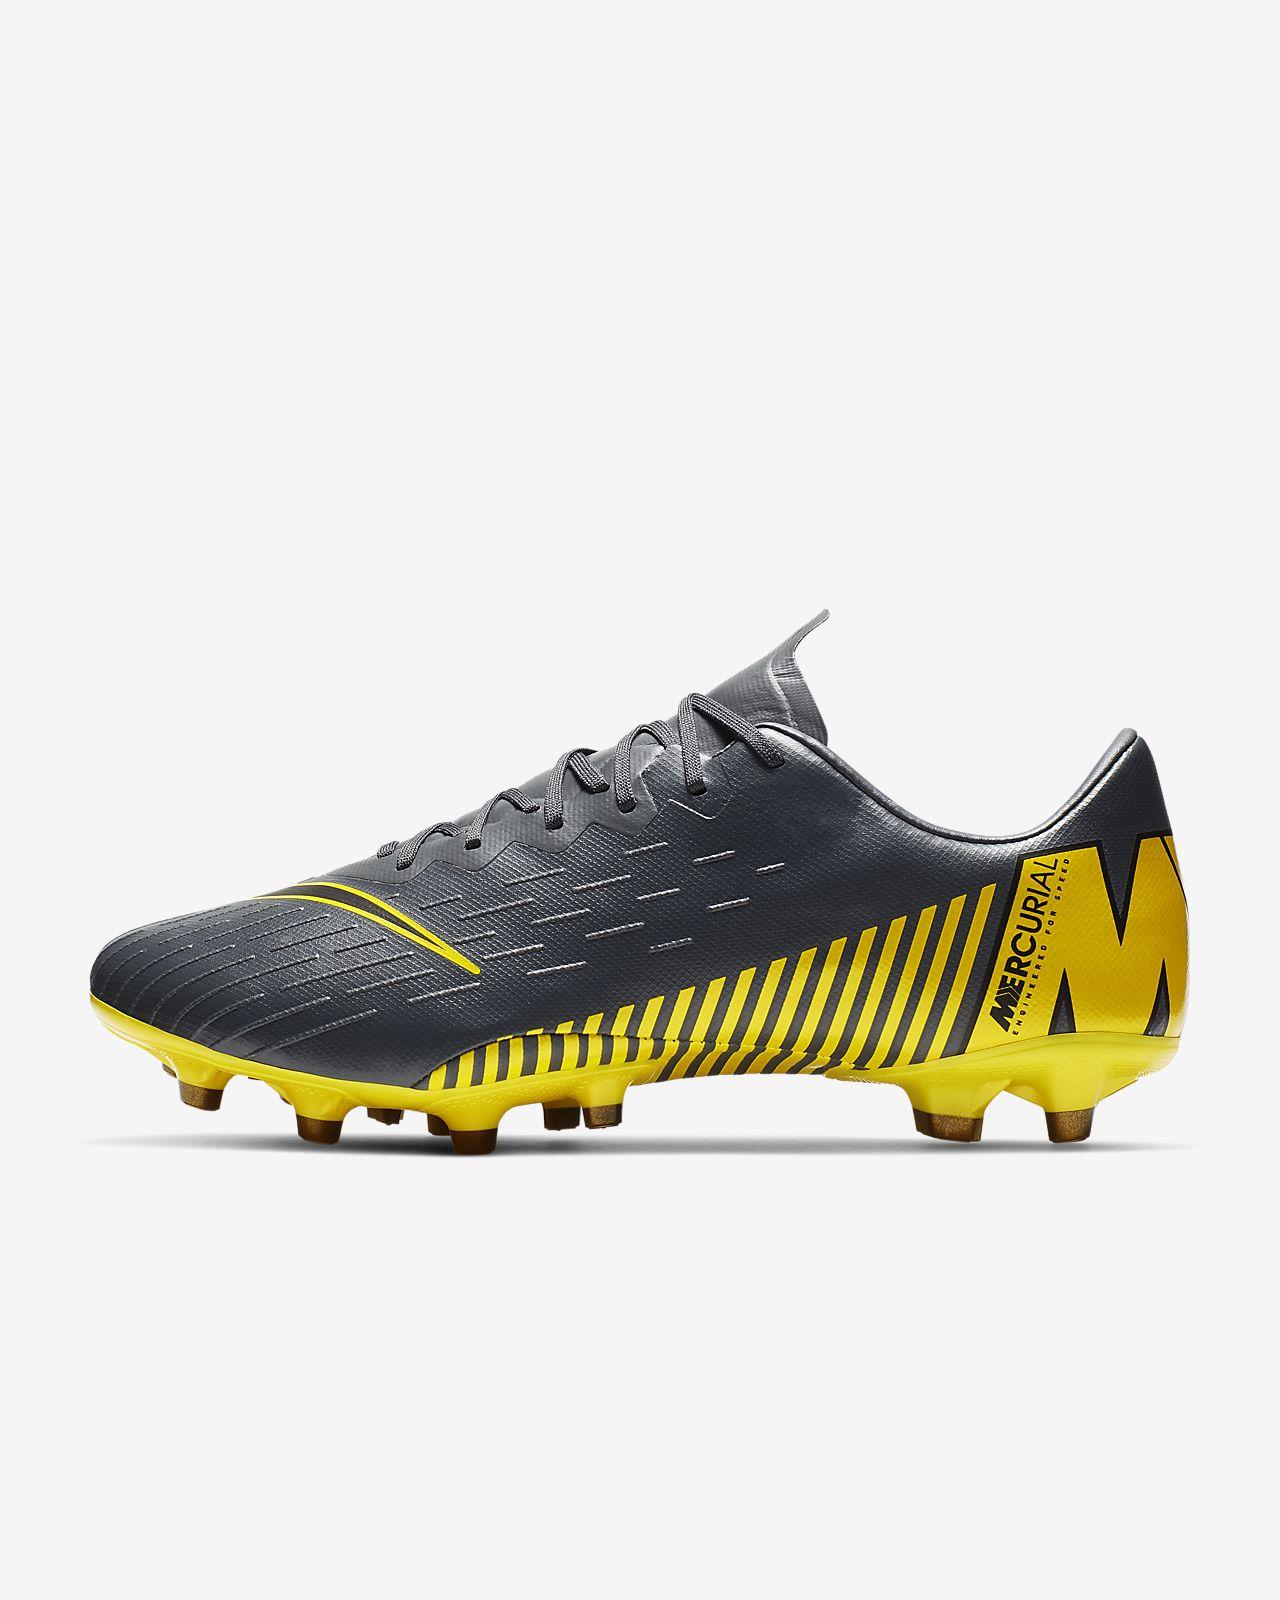 87c1f0823f ... Chuteiras de futebol para relva artificial Nike Mercurial Vapor XII Pro  AG-PRO